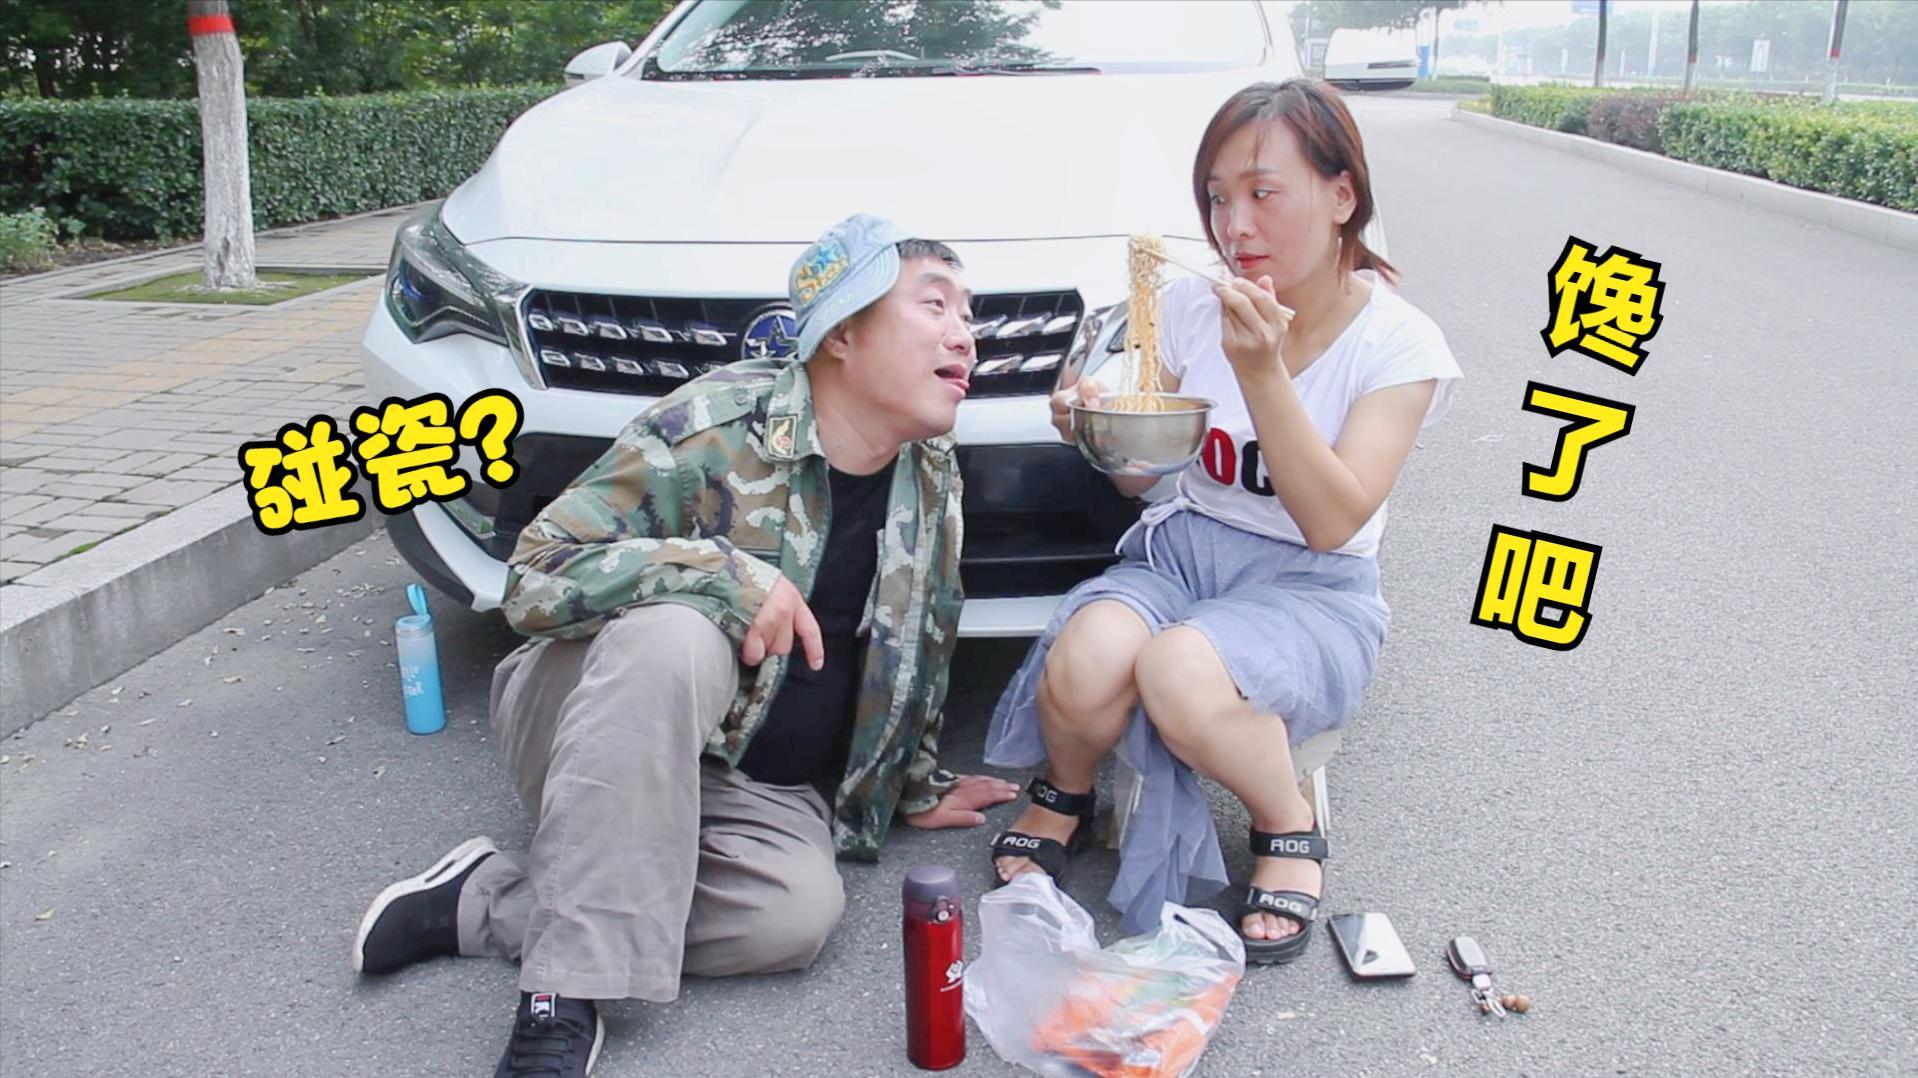 搞笑剧:农村傻小子碰瓷女司机,一碗方便面就给打发了,太搞笑了